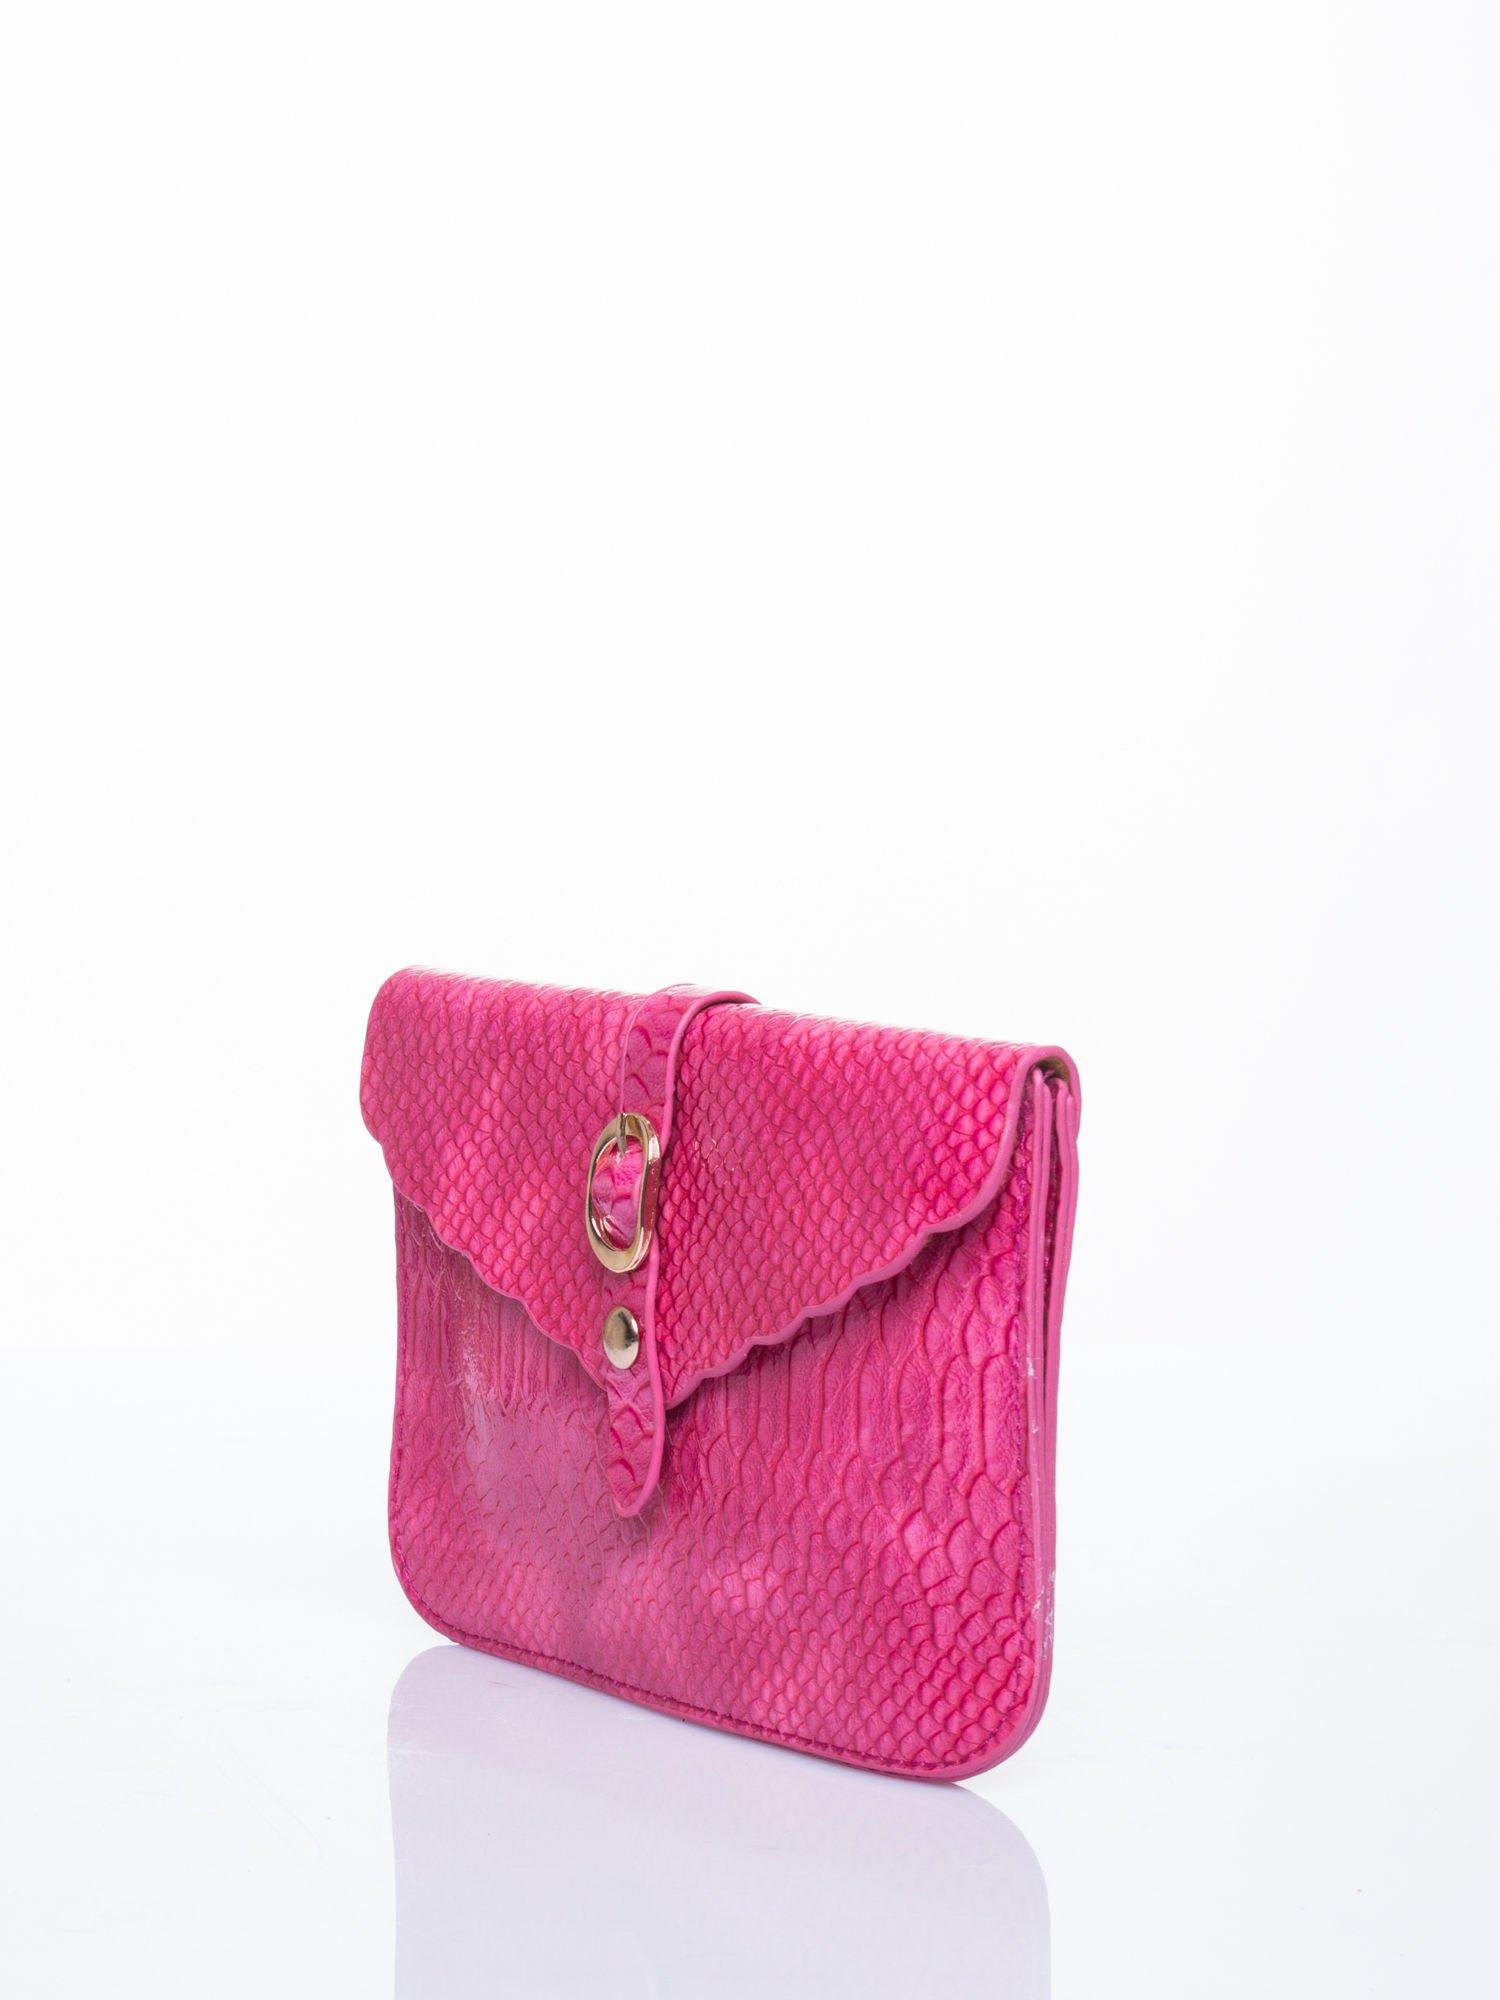 8af754a12bd2a Różowa kopertówka z motywem skóry krokodyla - Akcesoria torba ...